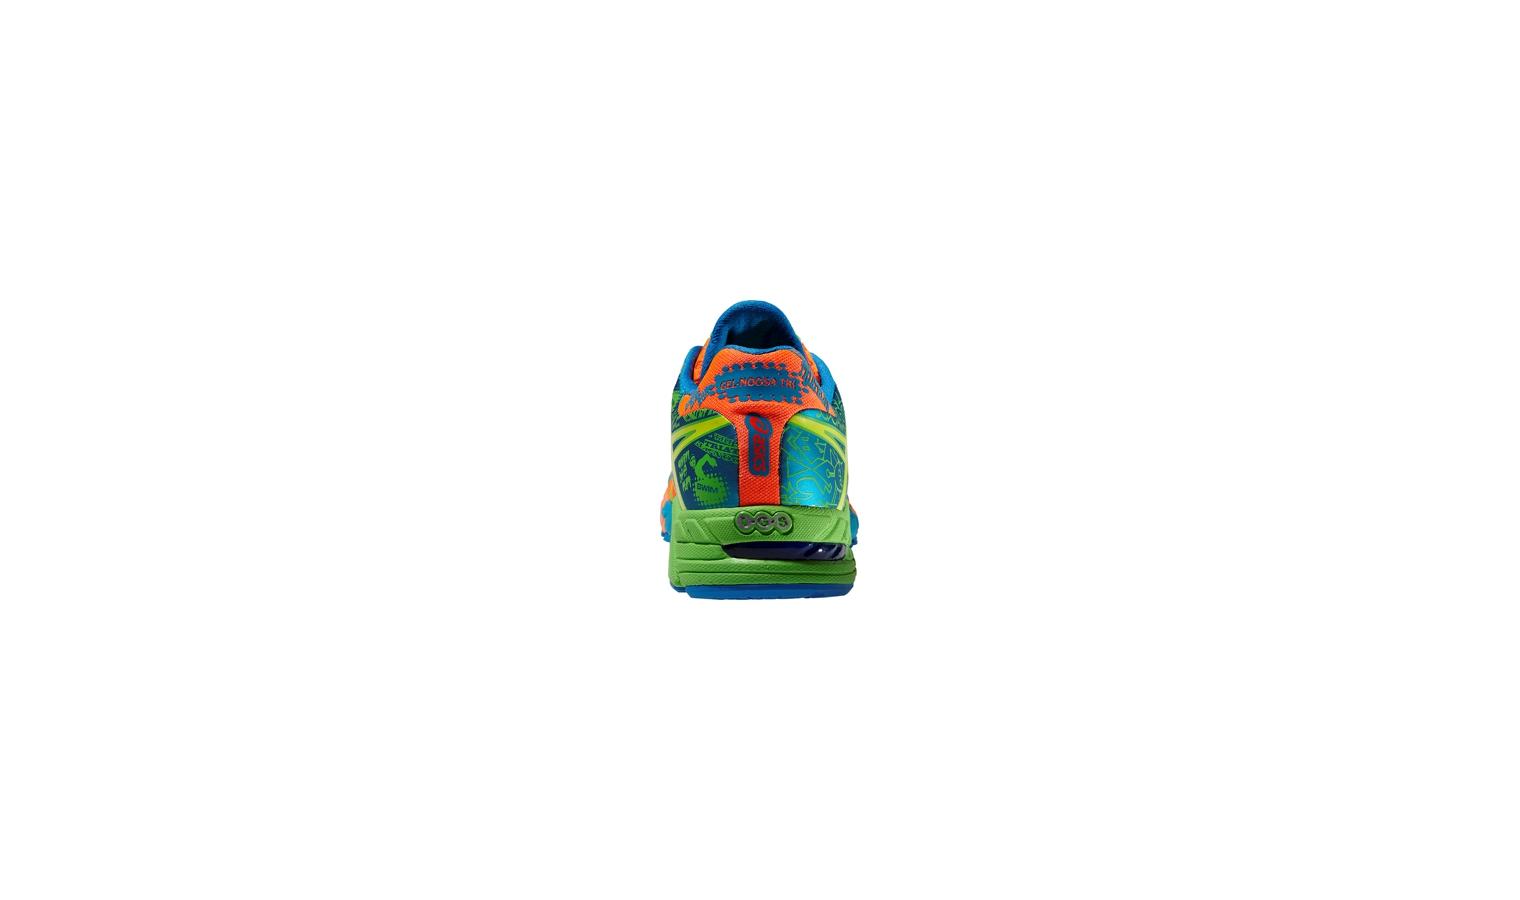 ed18c9887d4e4 Pánske triatlonovej topánky Asics GEL-NOOSA TRI 9 oranžová / modrá / zelená